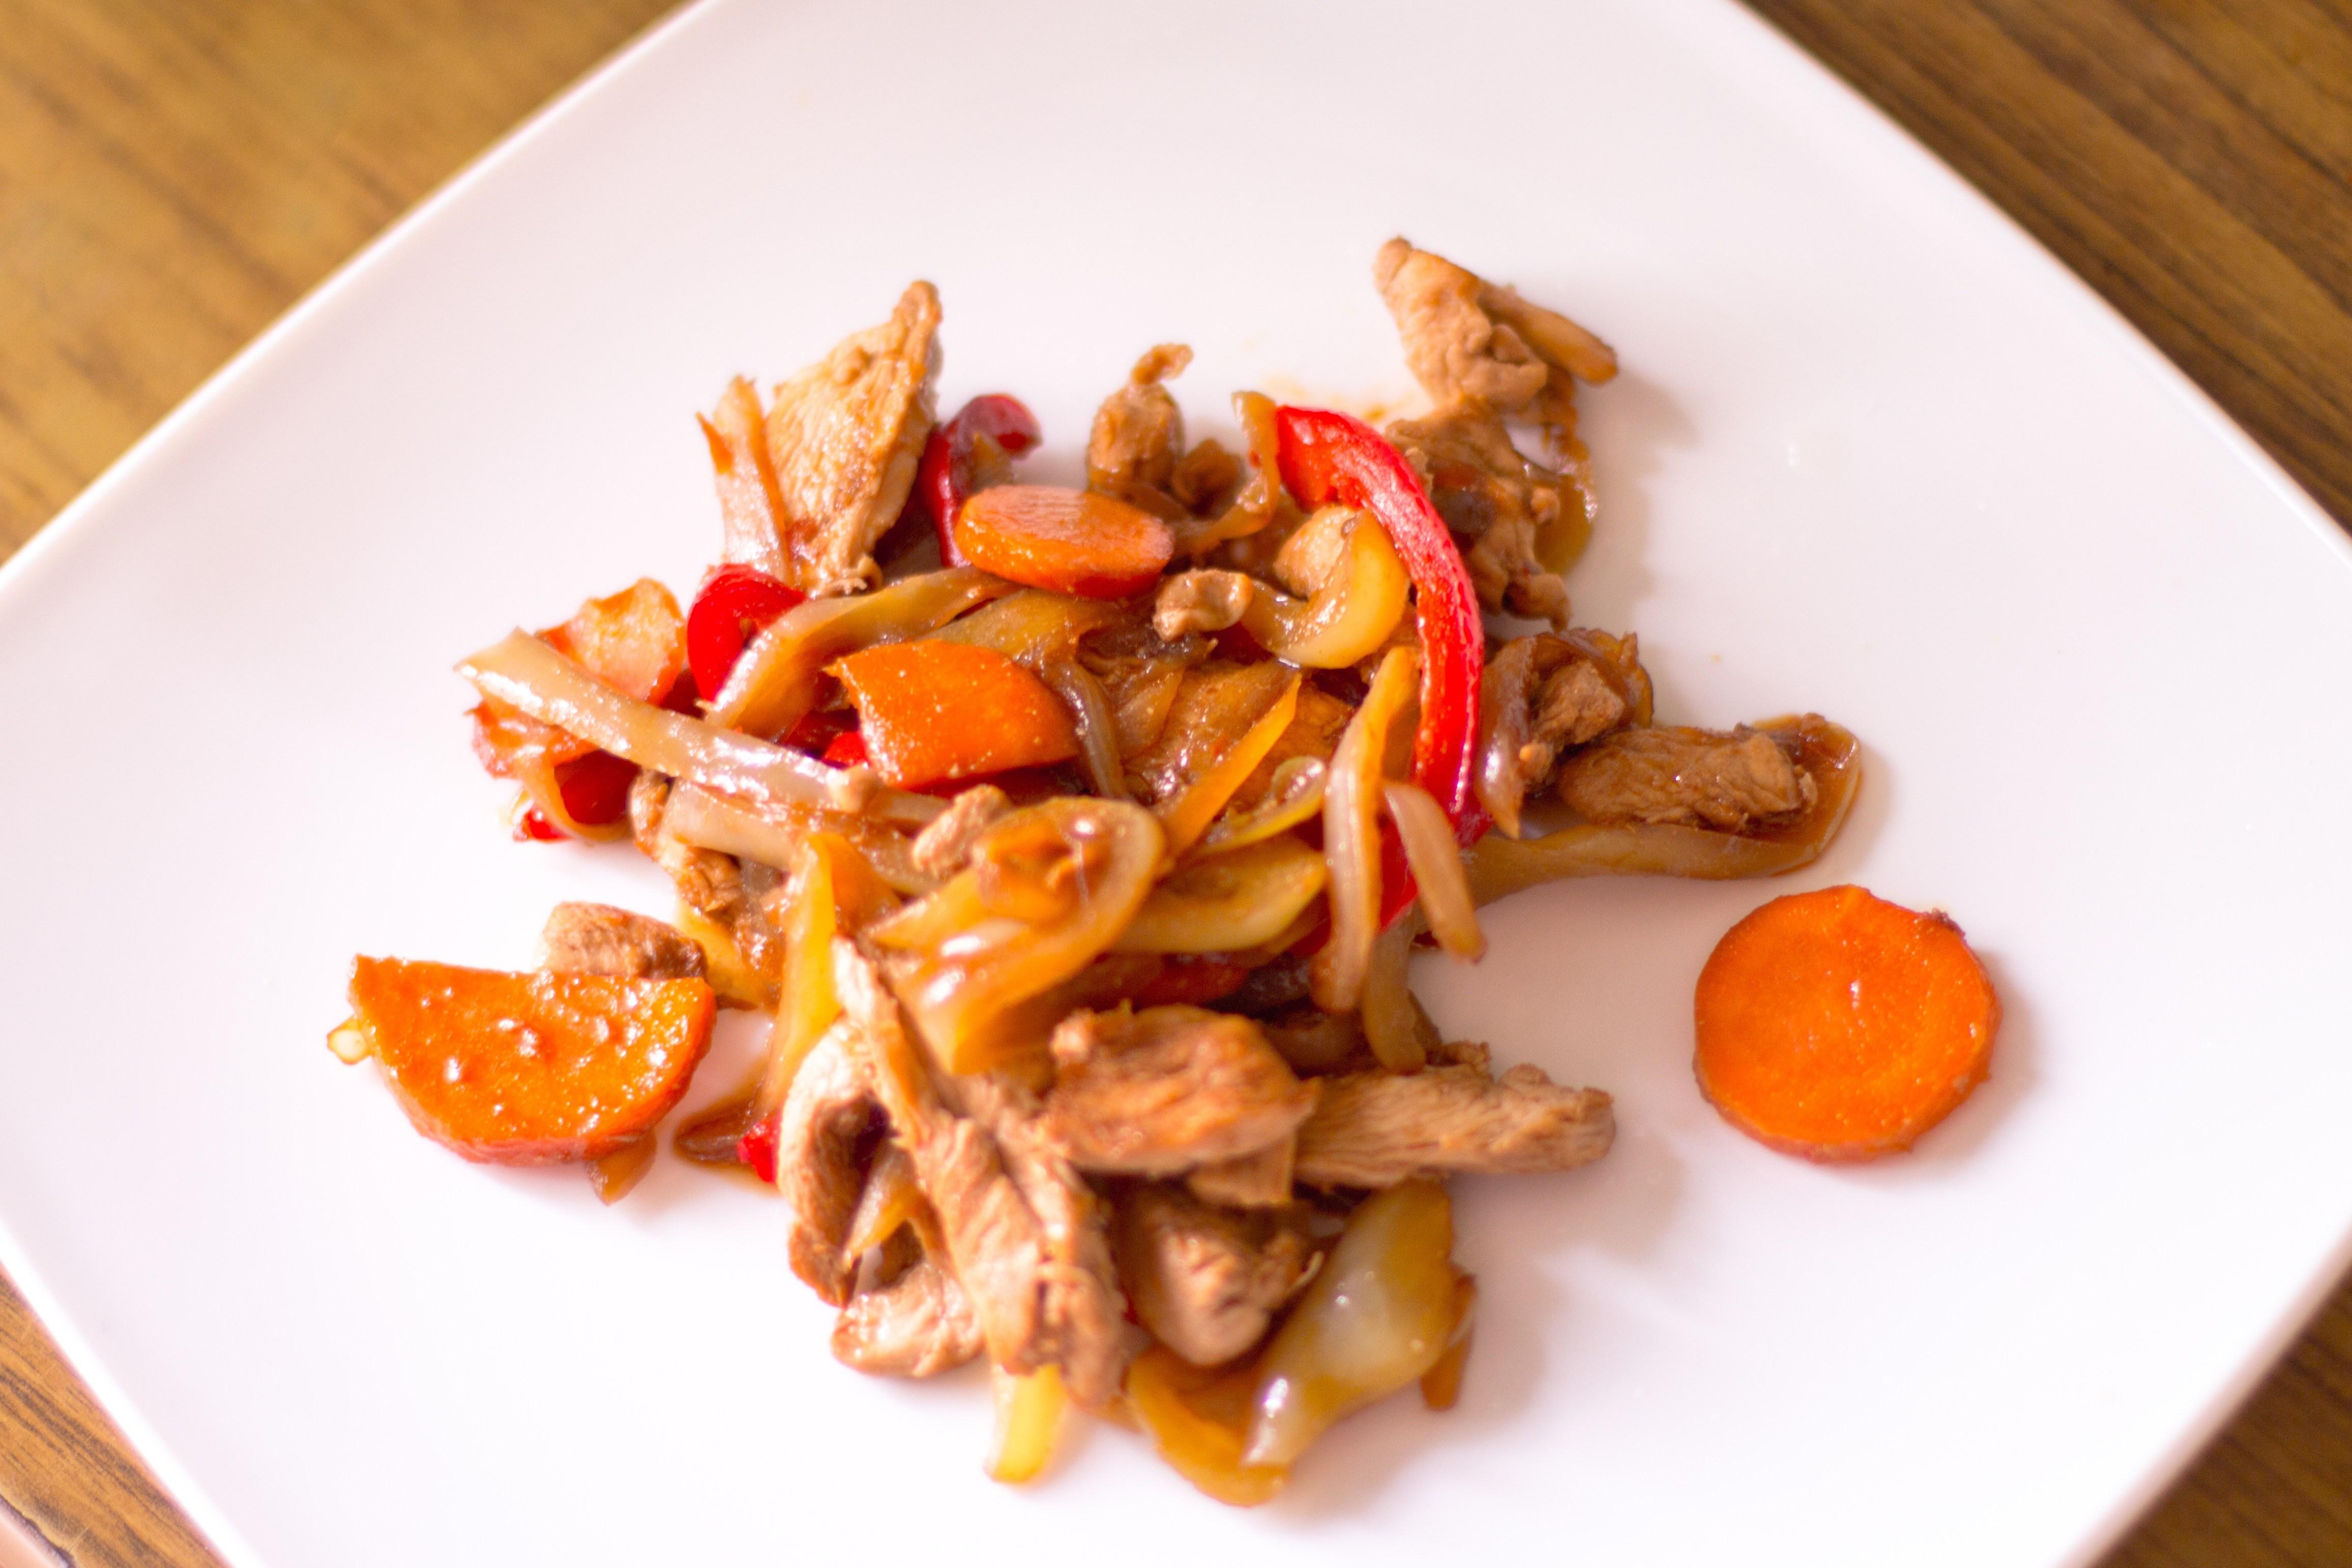 рецепты вторых блюд из куриного филе в мультиварке